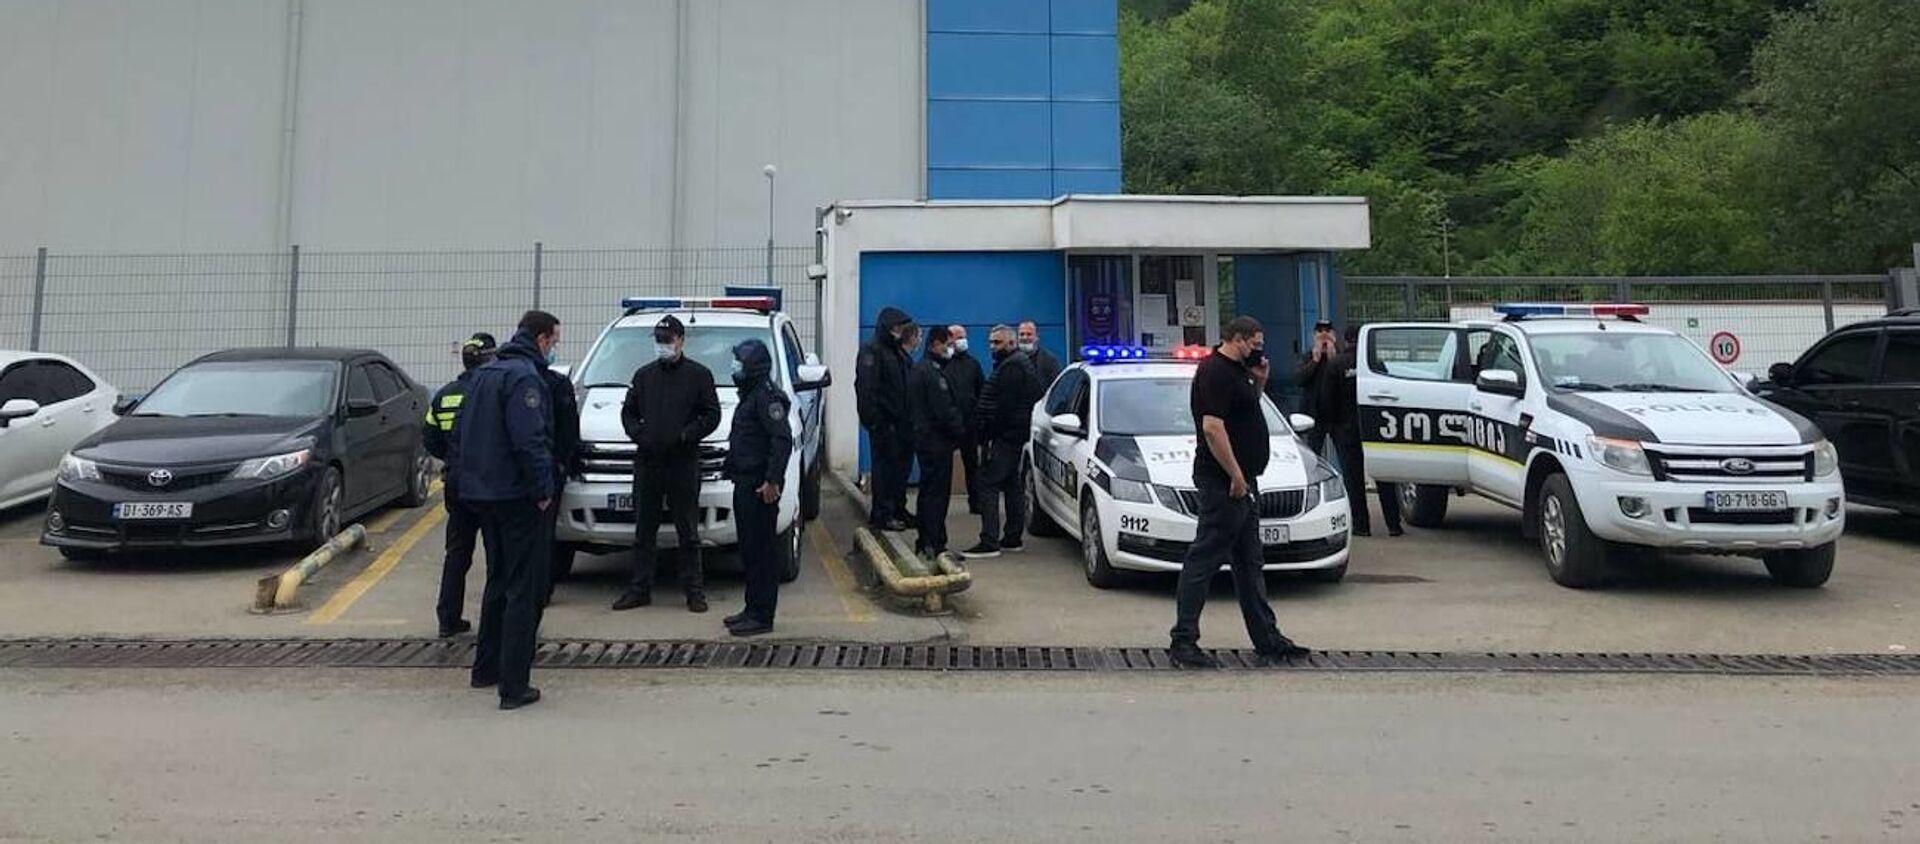 Забастовка работников завода Боржоми 19 мая 2021 года - Sputnik Грузия, 1920, 19.05.2021